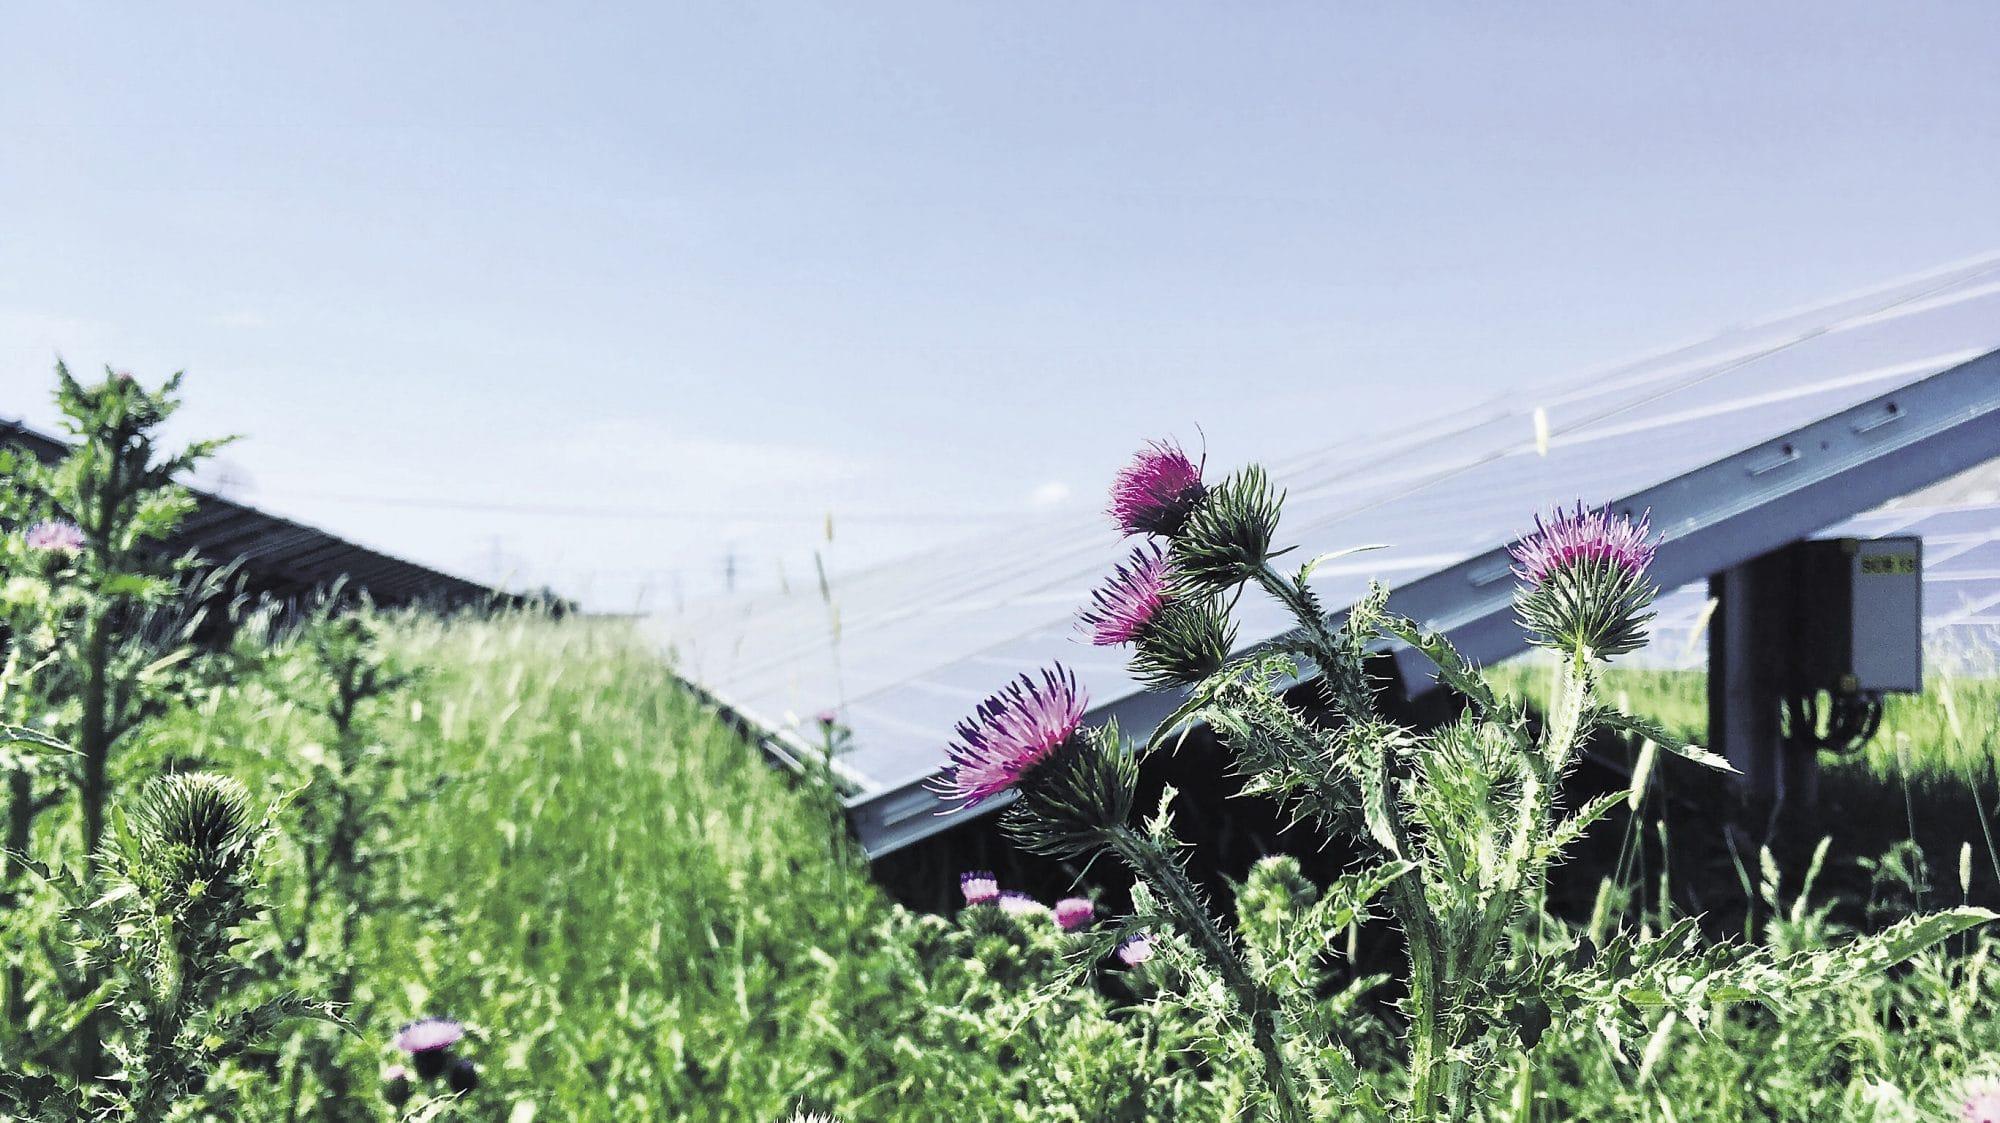 Vierverlaten Zonnepark  paradijs voor insecten